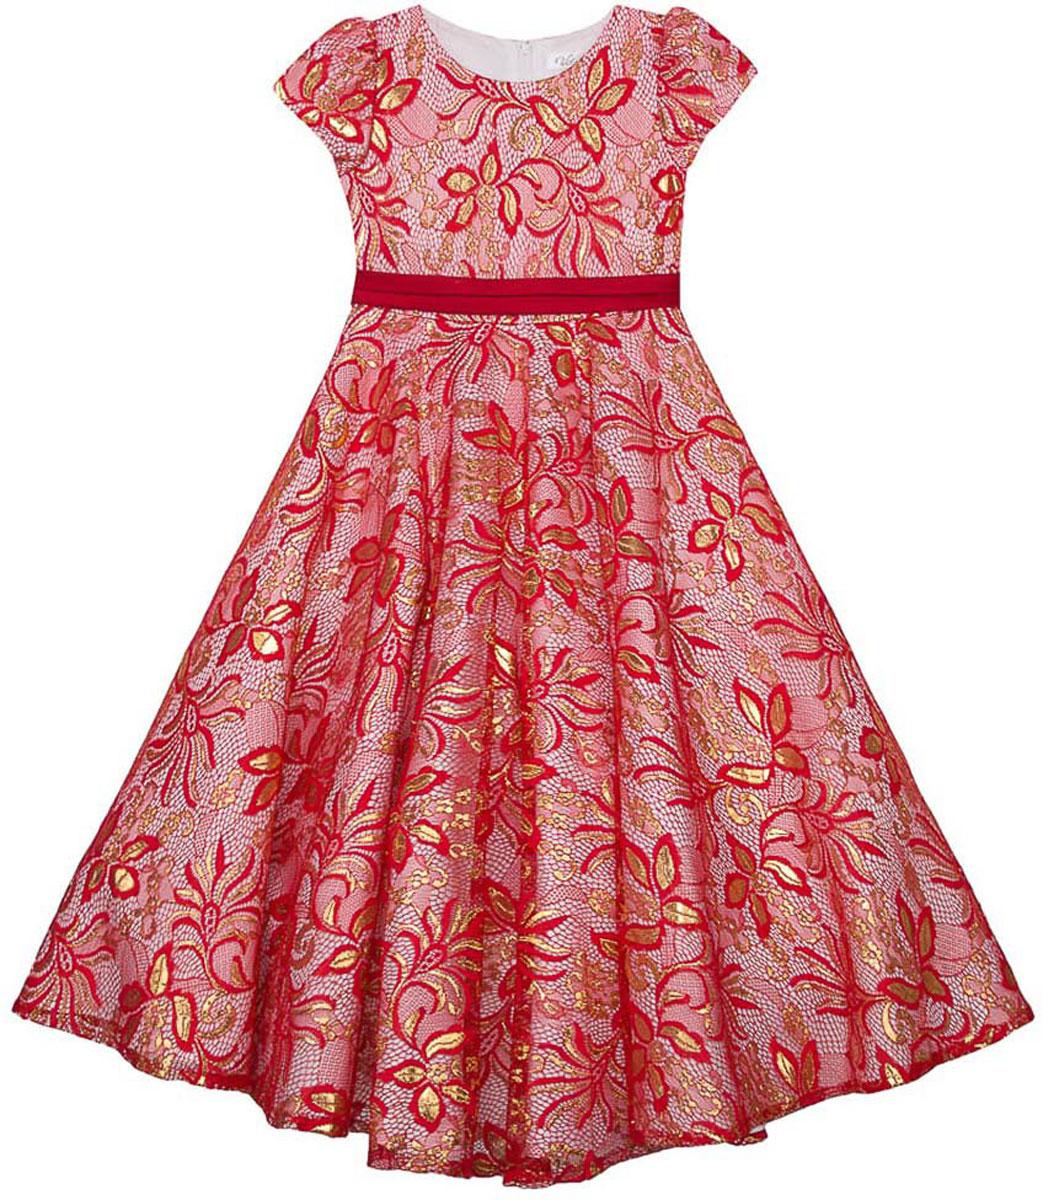 Платье для девочки Vitacci, цвет: красный. 2171392-05. Размер 1402171392-05Стильное платье Vitacci идеально подойдет вашей дочурке. Платье выполнено из полиэстера с подкладкой из хлопка. Удлиненное платье с короткими рукавами и круглым вырезом горловины дополнено эффектным принтом. Модель застегивается на молнию, расположенную на спинке.